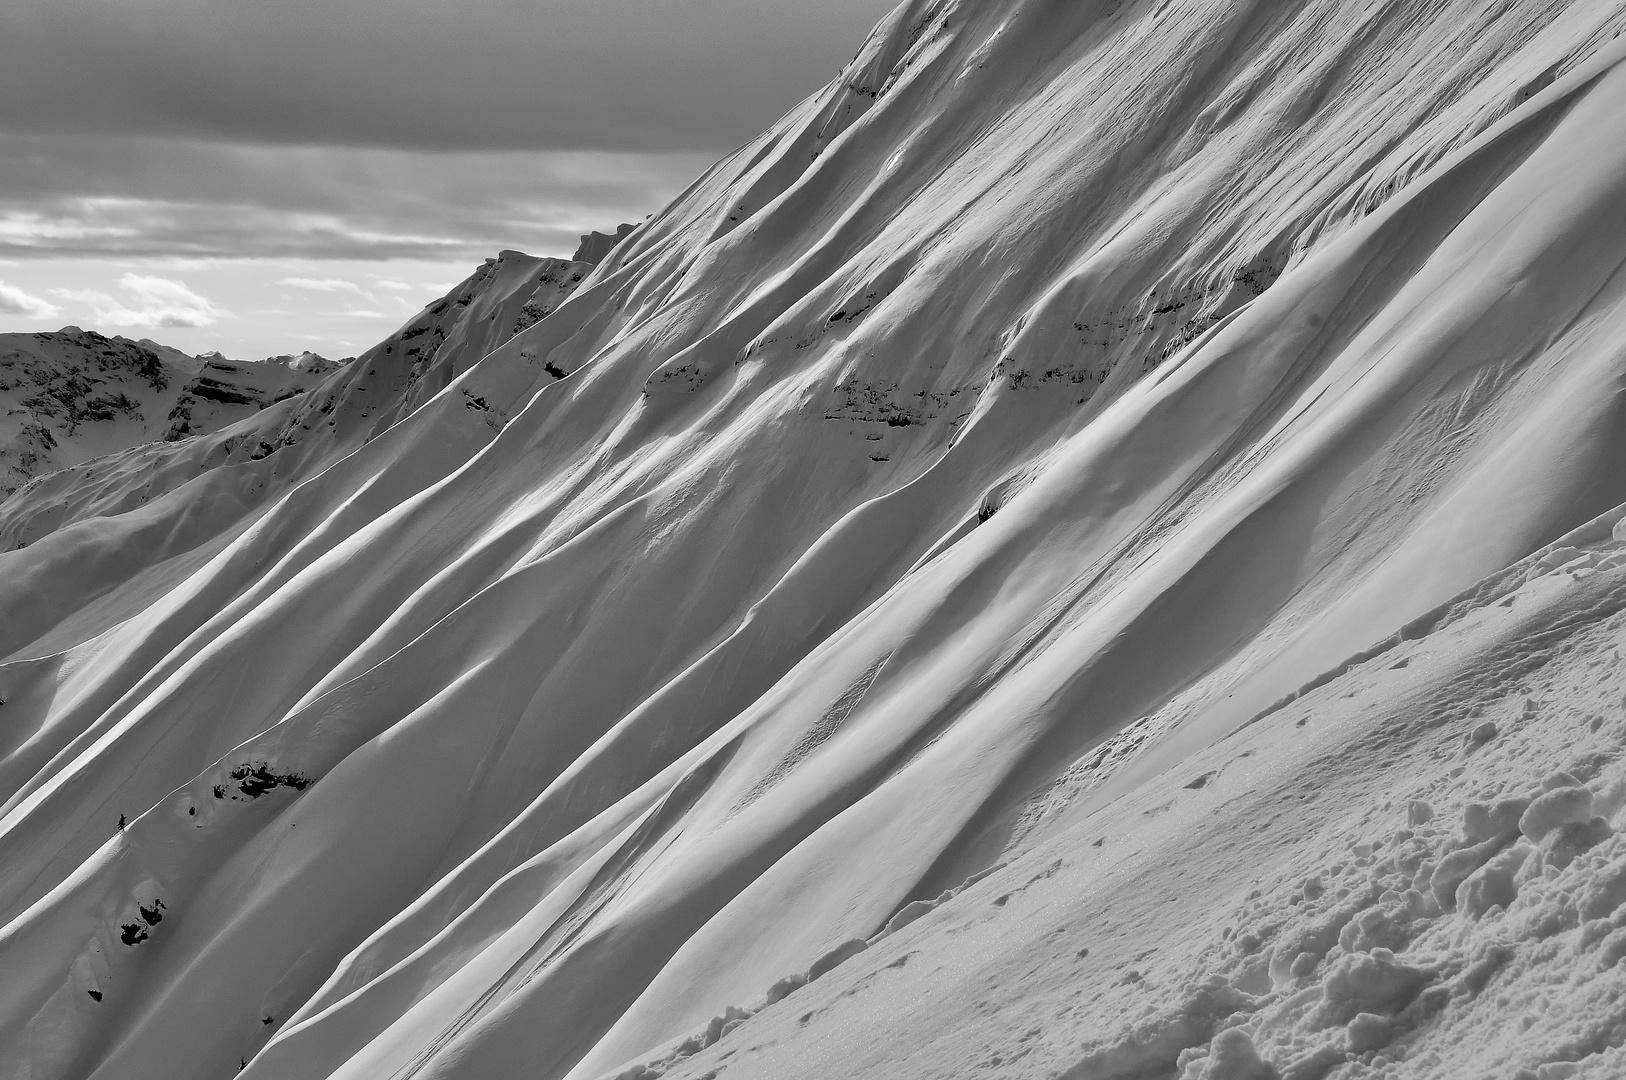 Seekarspitze